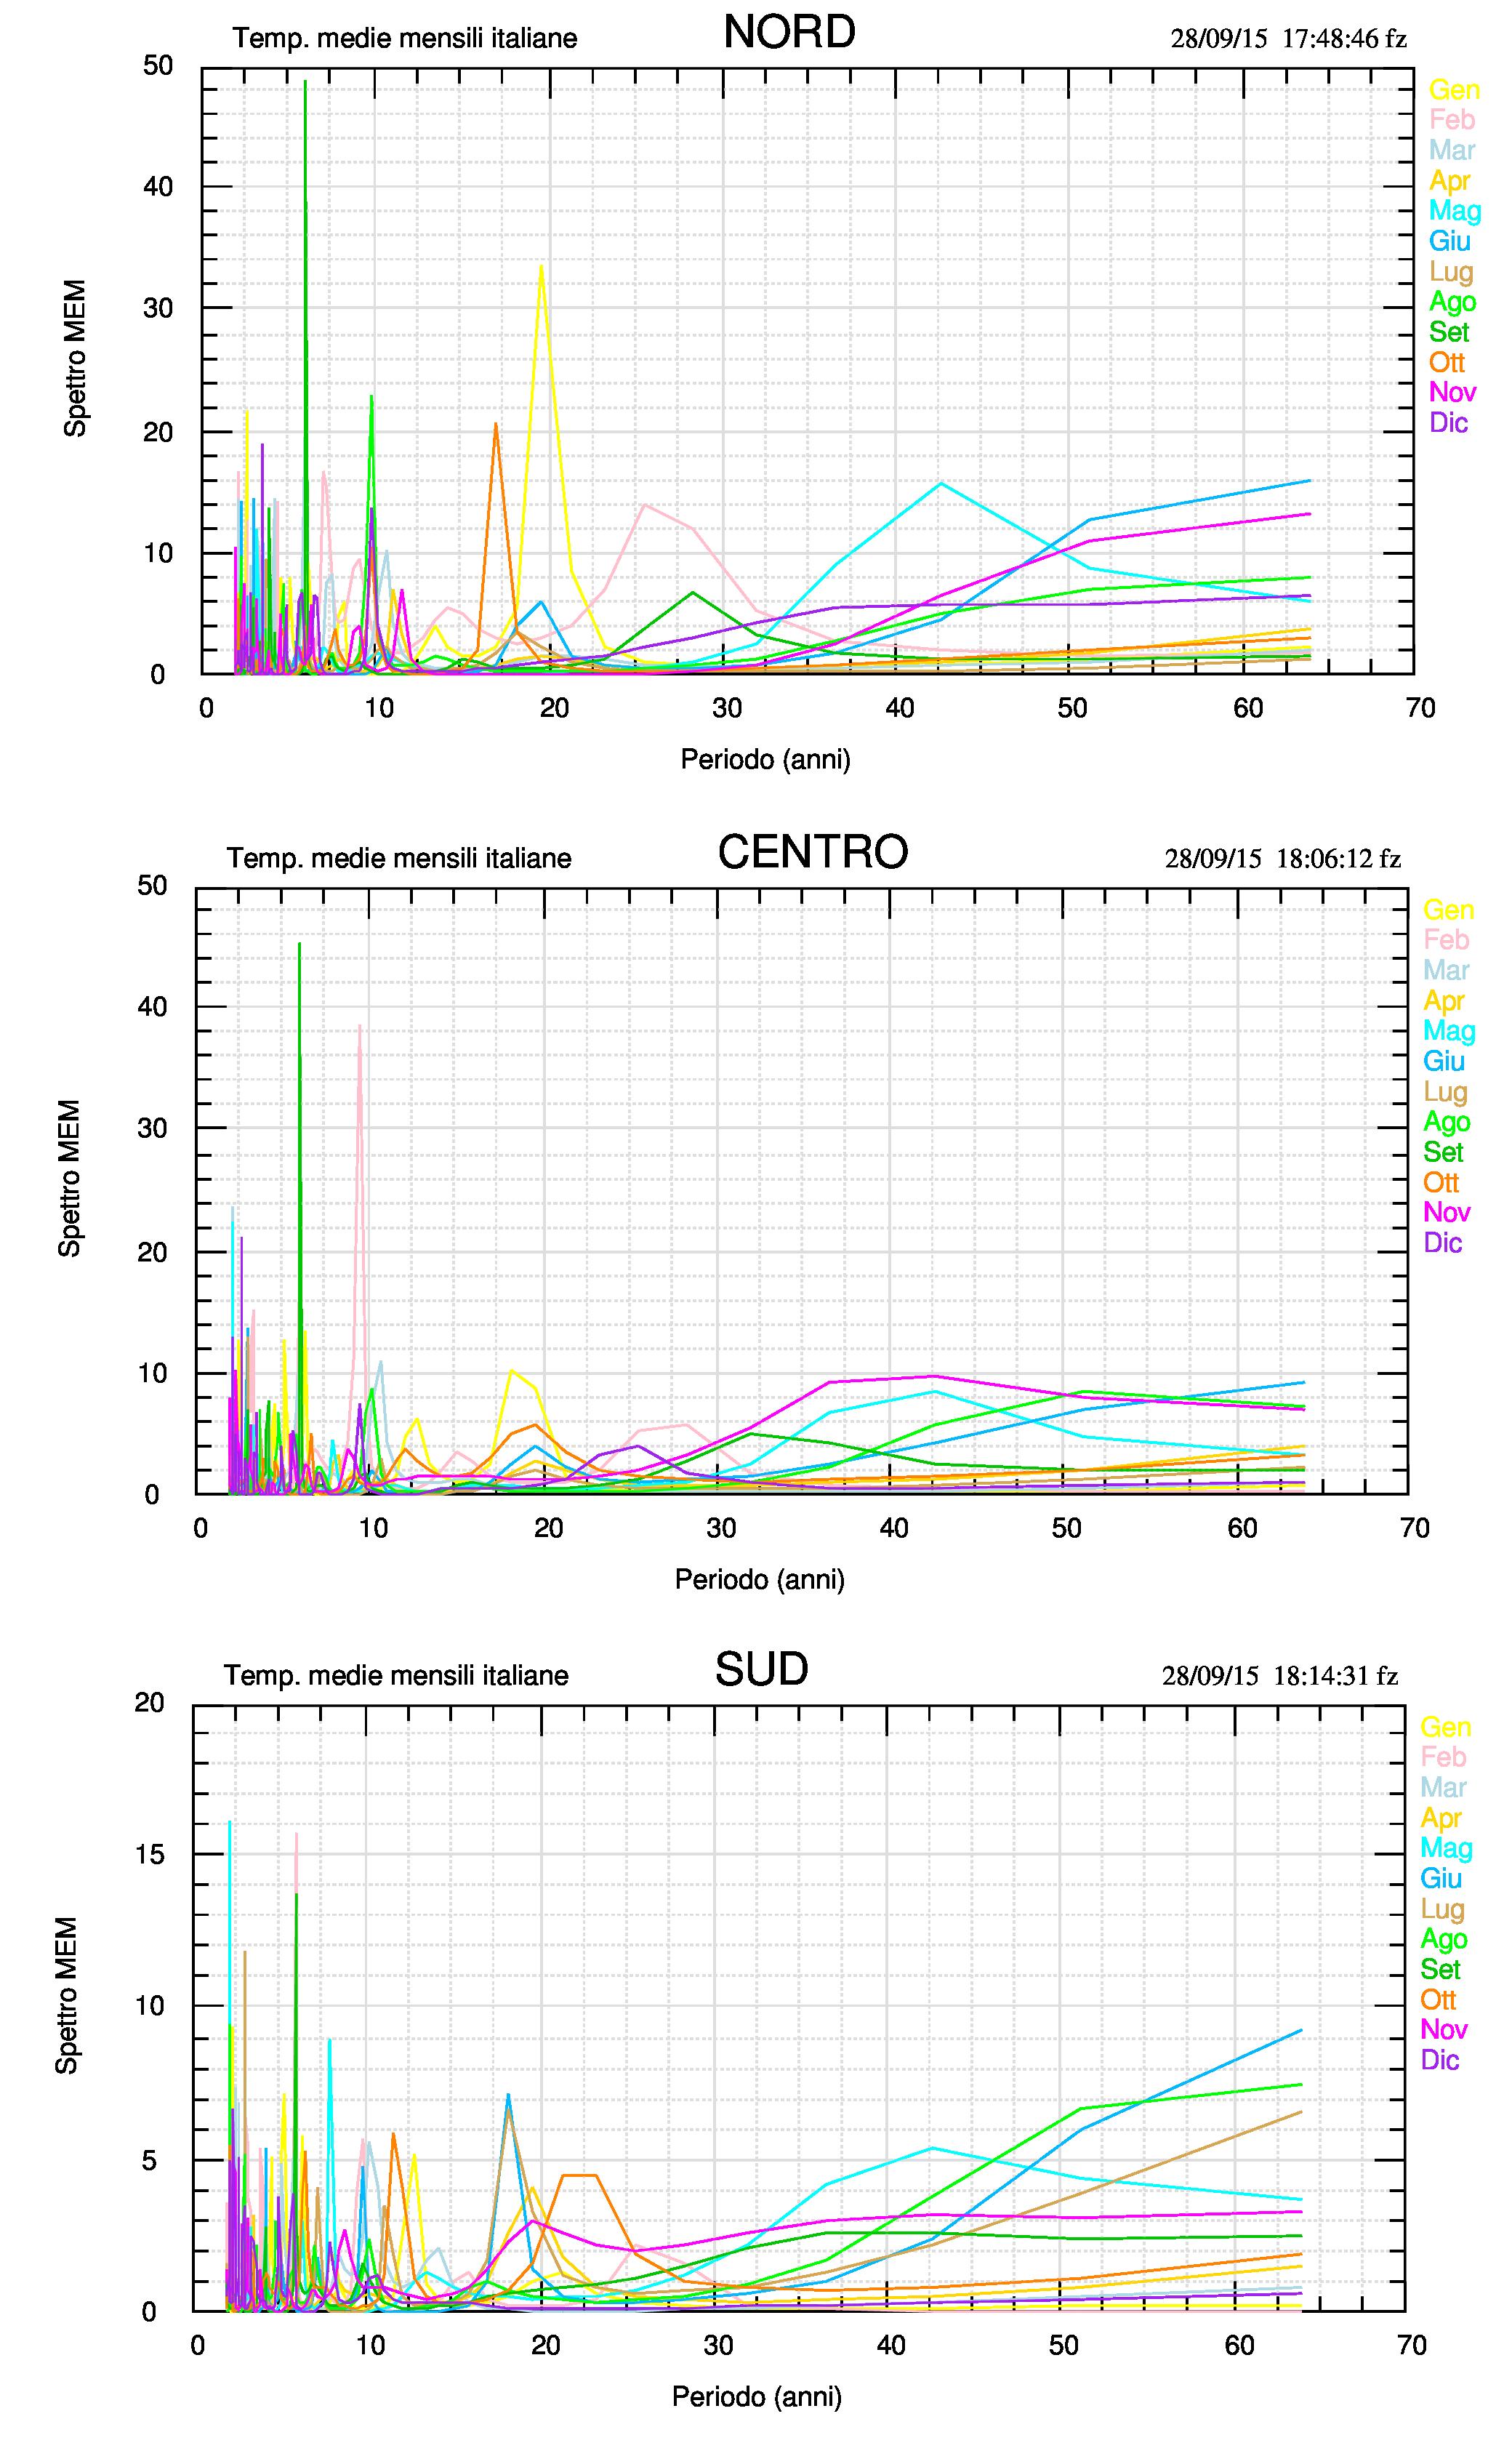 Fig.3. Spettri MEM dei singoli mesi sui 64 anni dei dataset delle tre macro regioni. Da notare il raggruppamento dei massimi attorno ai periodi ~6, ~10, ~20 anni e, più ampio, attorno a 40 anni. A sud il picco a 2.1 anni risulta il più alto anche se lo stesso è più potente al centro (la scala verticale del sud è diversa dalle altre).